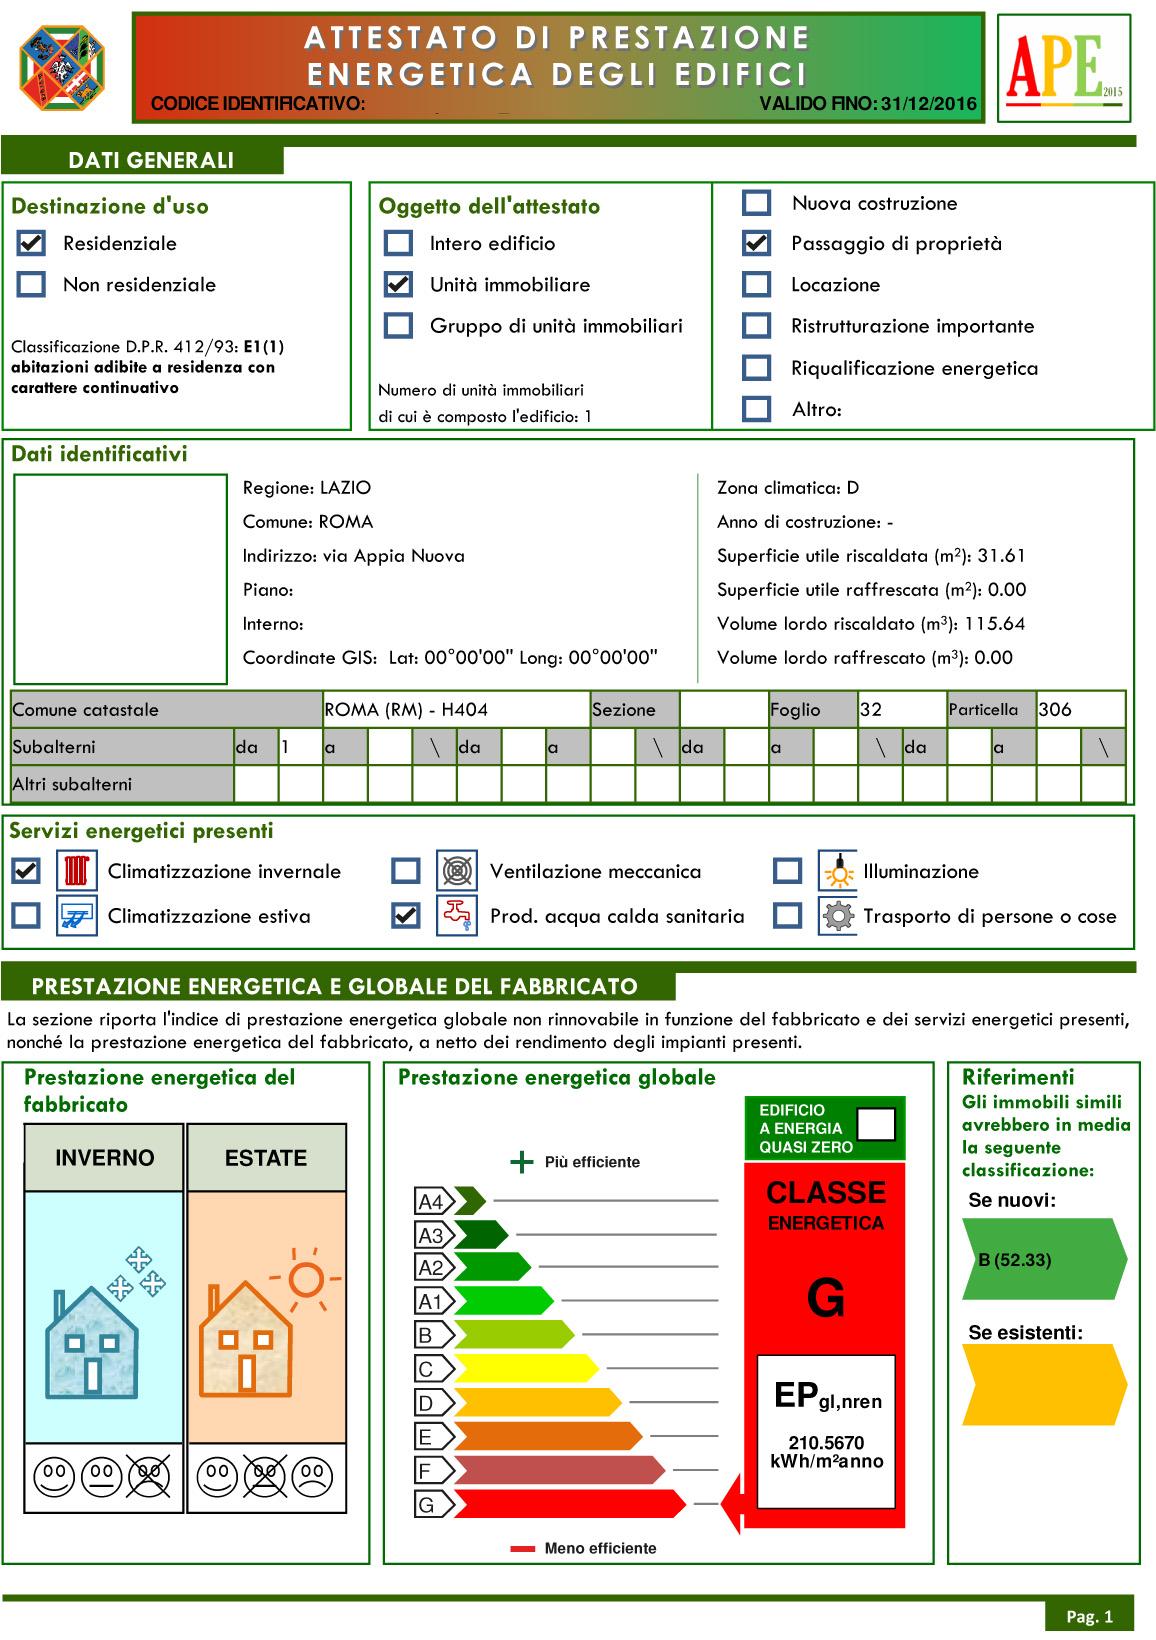 attestato-di-prestazione-energetica-roma-esempio-1